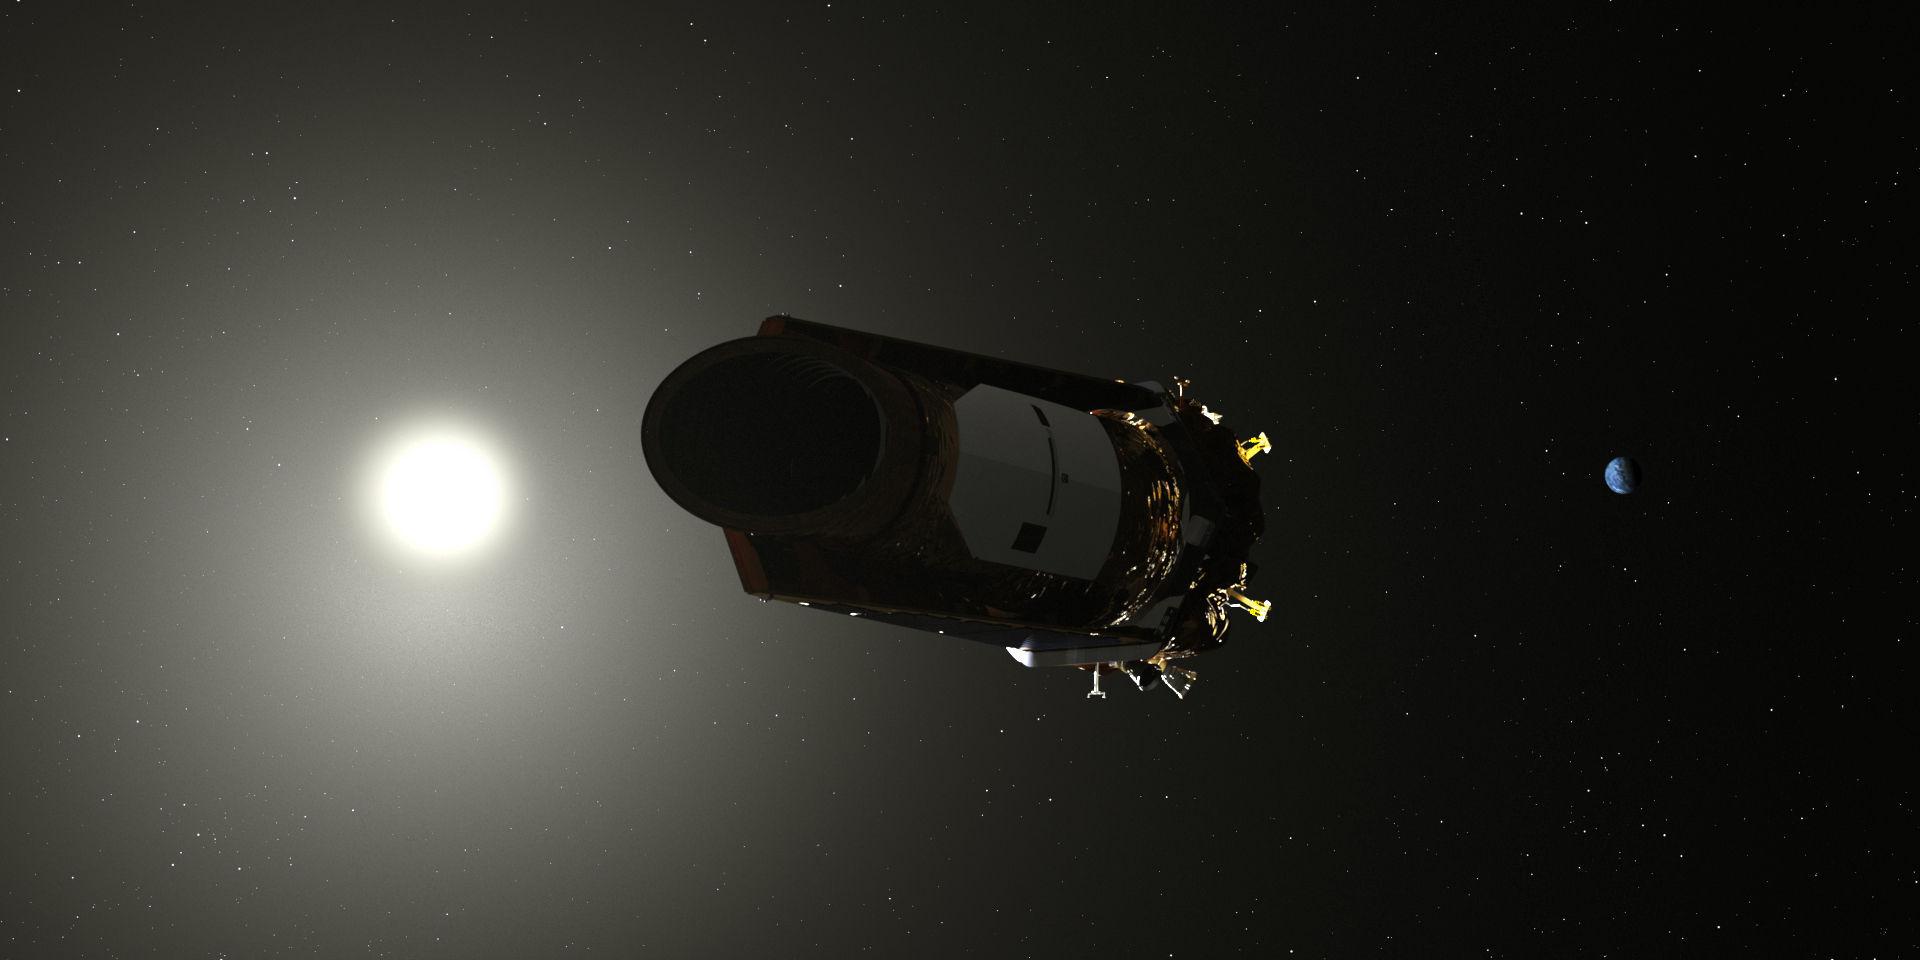 NASA har sagt hejdå till Keplerteleskopet